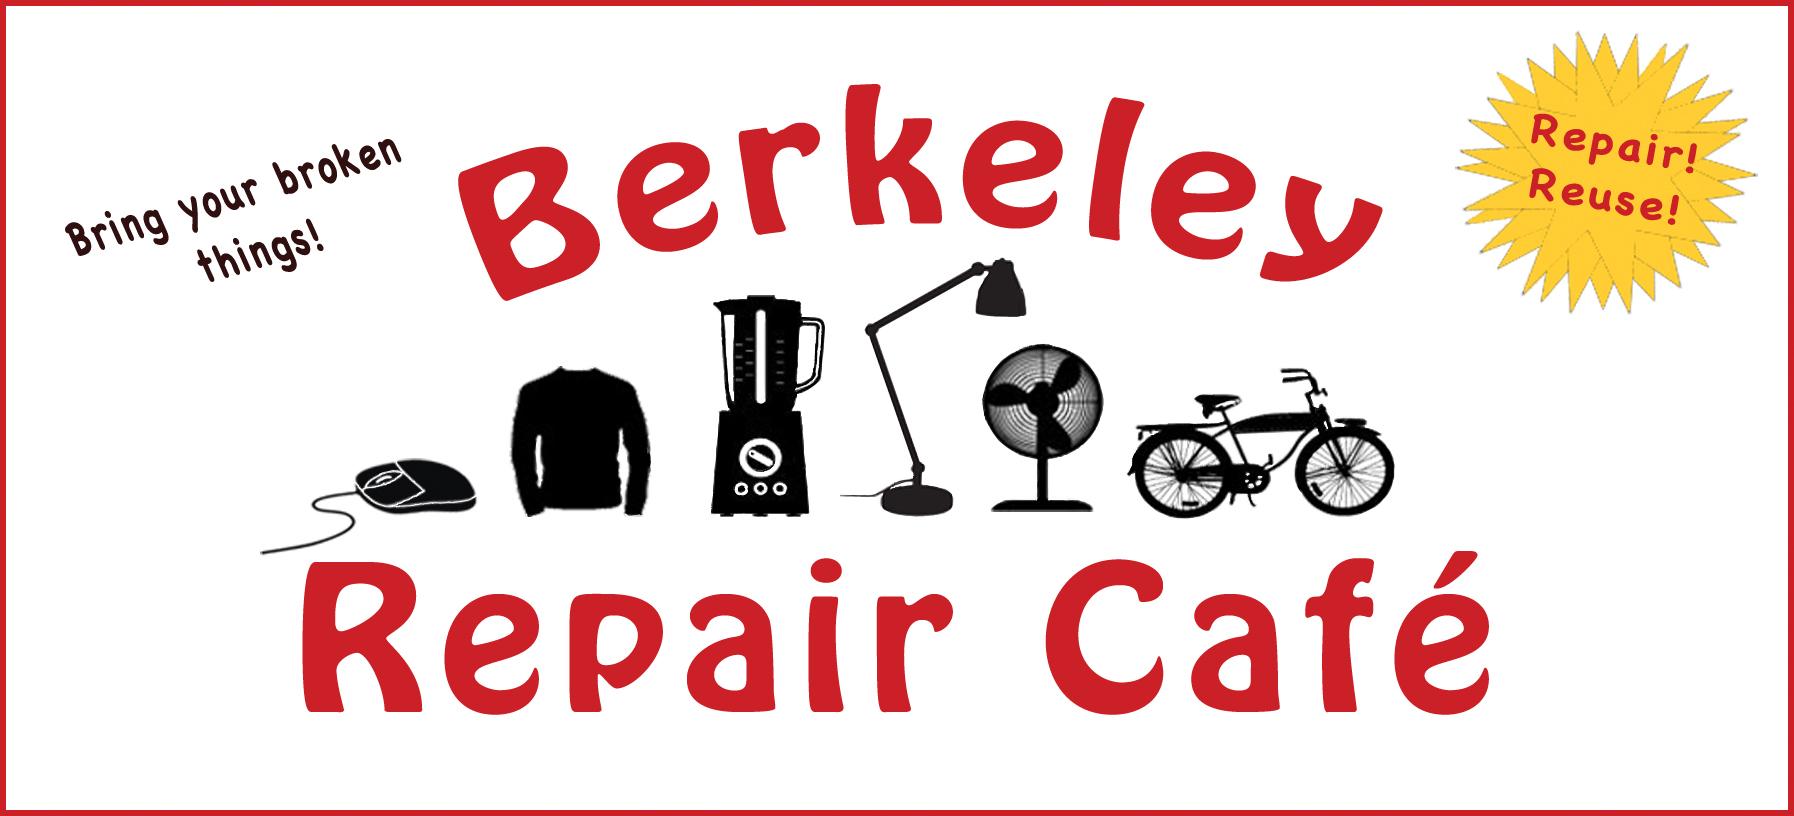 Berkeley Repair Cafe